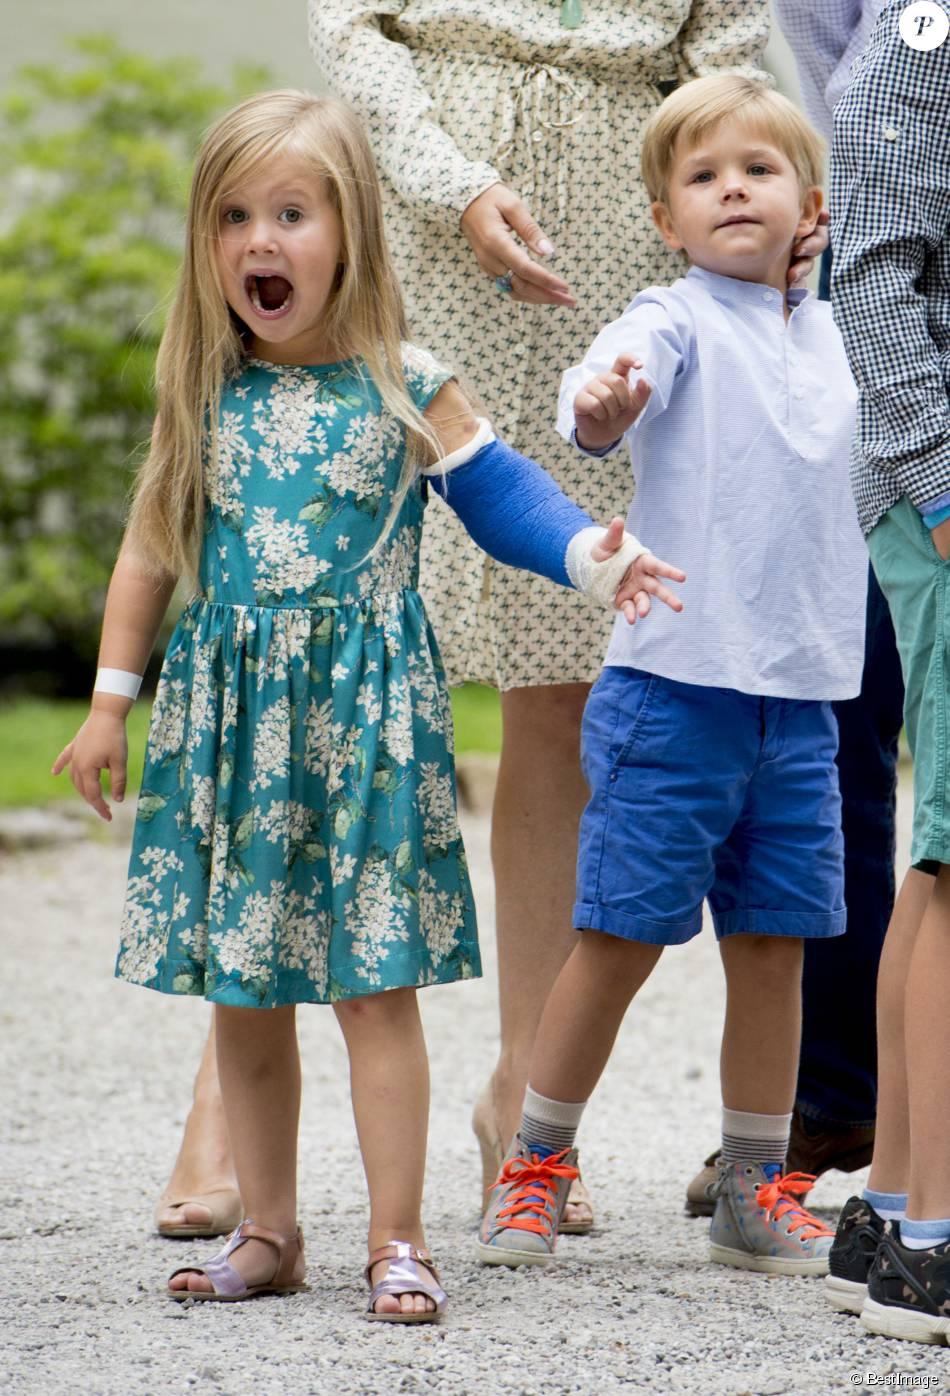 Malgré son bras dans le plâtre, la princesse Josephine, 4 ans, était déchaînée ! La princesse Mary et le prince Frederik de Danemark, avec leurs quatre enfants (Christian, Isabella, Vincent et Josephine), assistaient le 19 juillet 2015 dans la cour du château de Grasten à la parade d'une association de cavaliers.